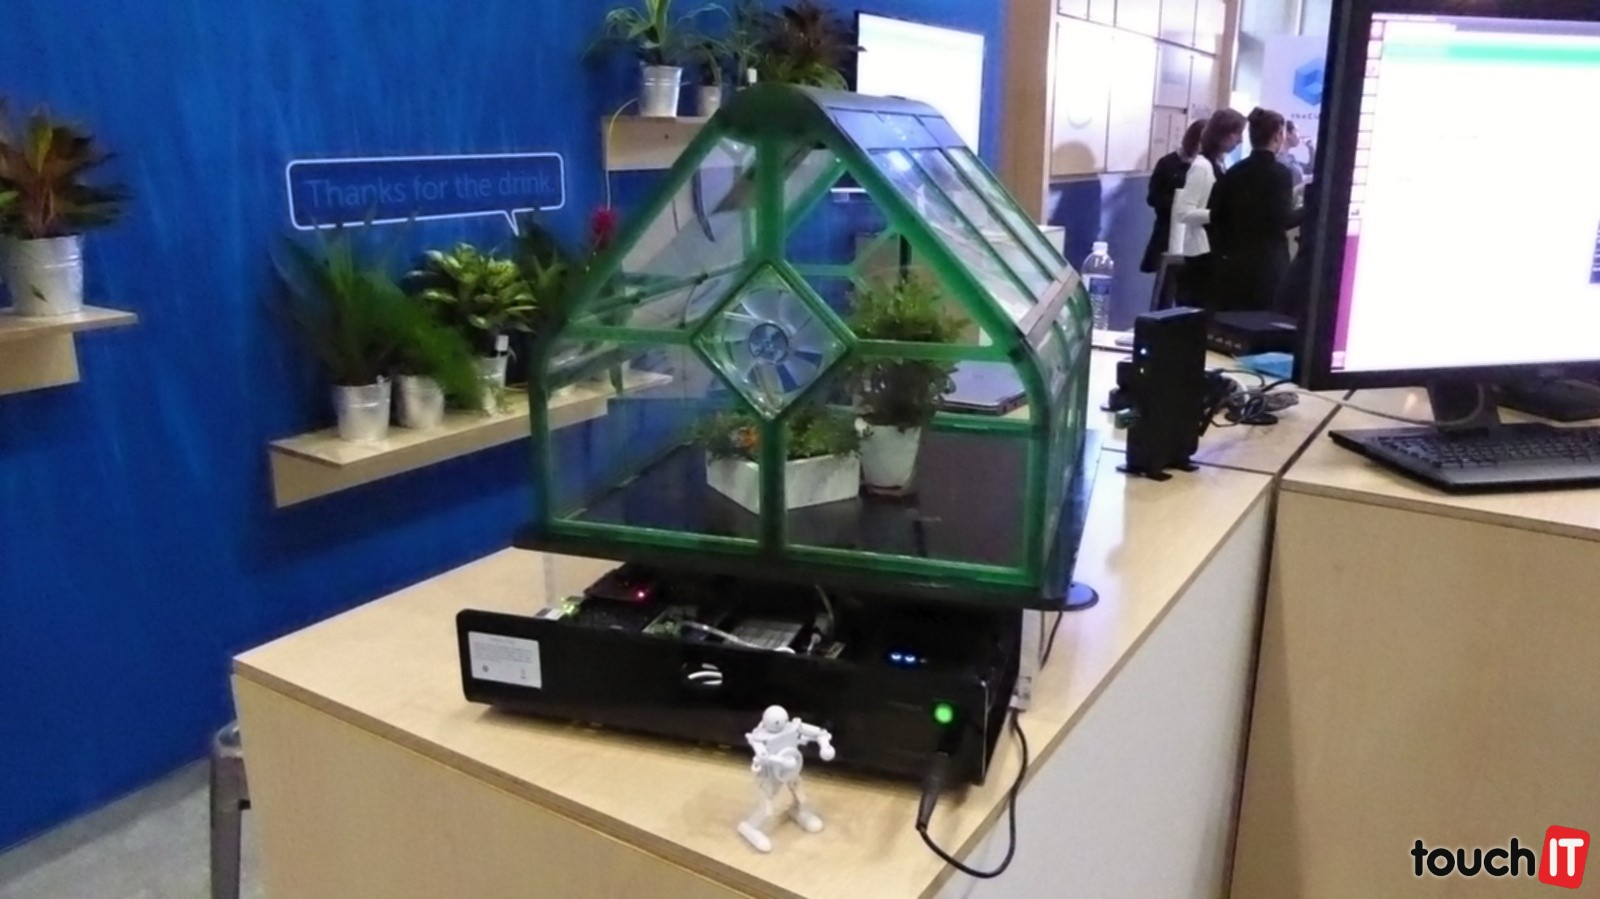 Inteligentný skleník s množstvom senzorov